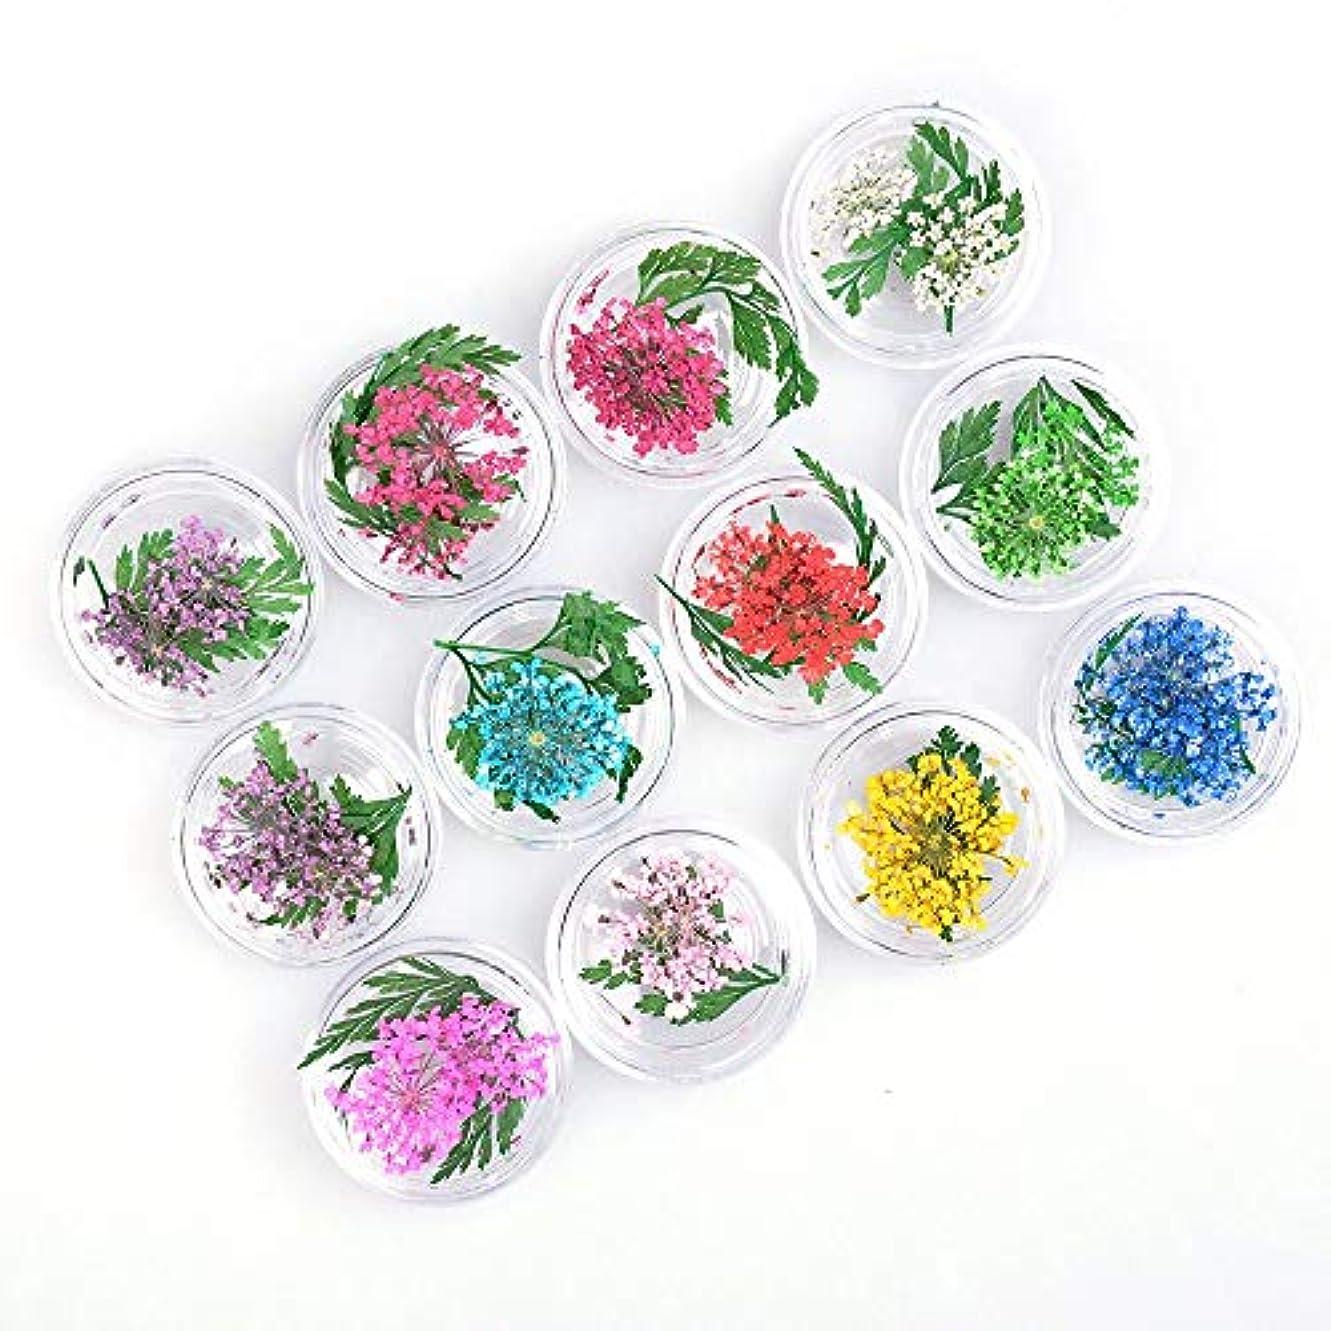 エントリラフレシアアルノルディ従う押し花 ドライフラワー 葉 3Dネイル レジンデコレーション 12種 色